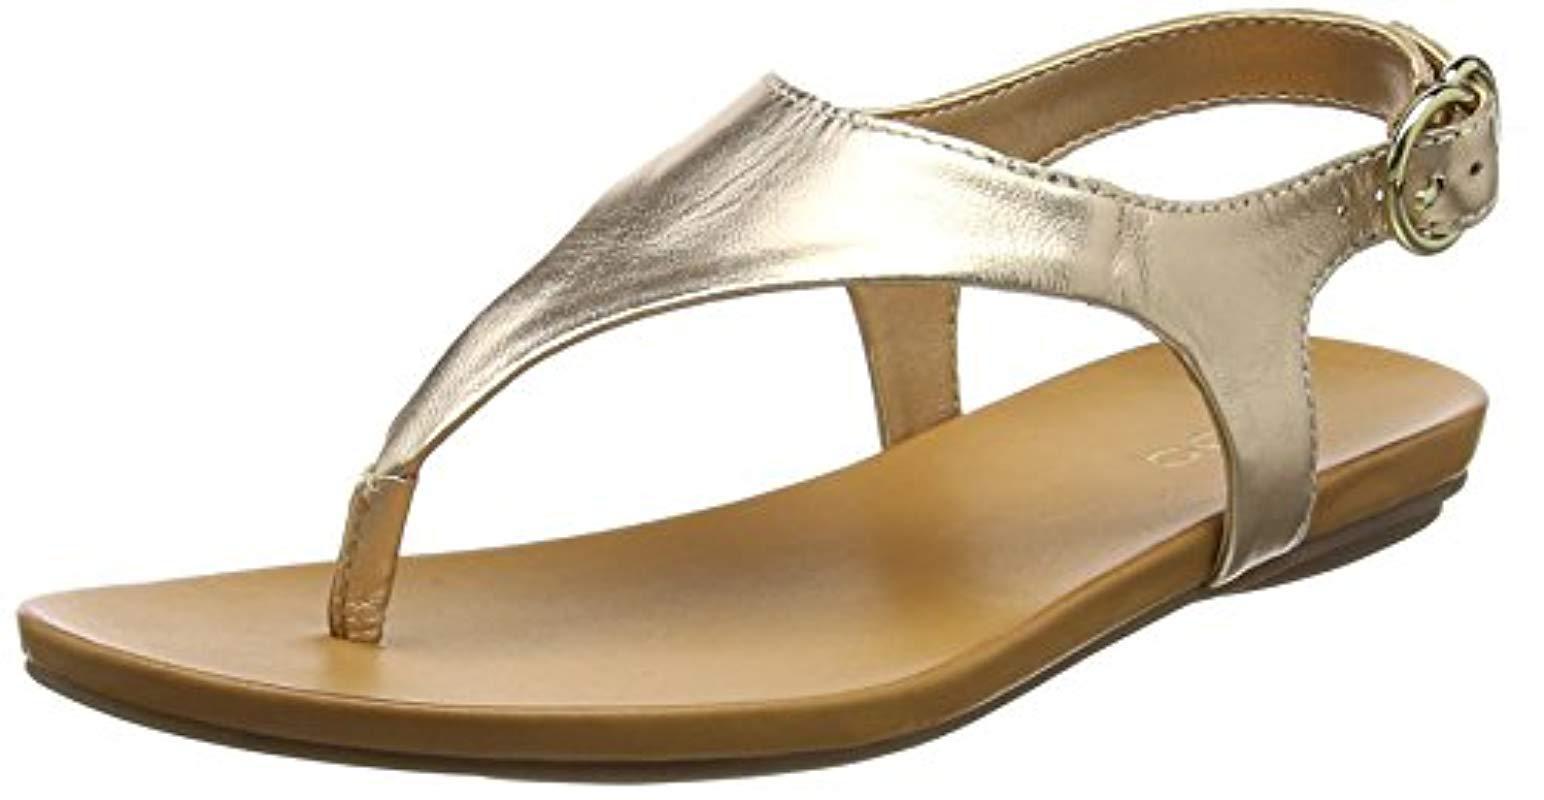 200395244af ALDO  s Jerilassi Ankle Strap Sandals in Metallic - Lyst